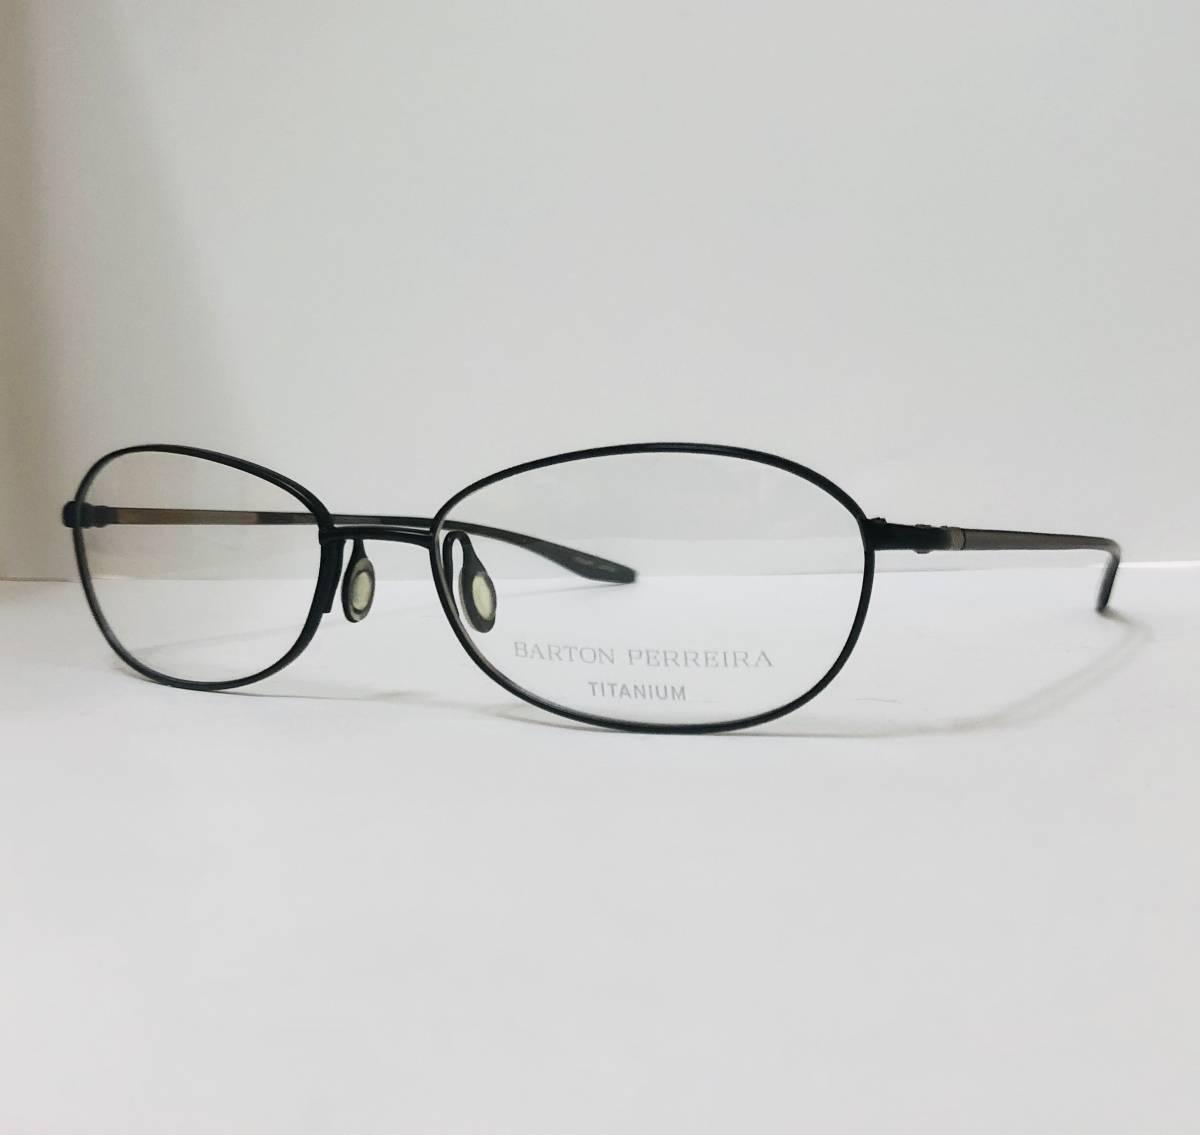 定価 42,500円 バートンペレイラ ヘイゼル チタン製 日本製メガネ 黒 Barton Perreira 米国ブランド _画像3